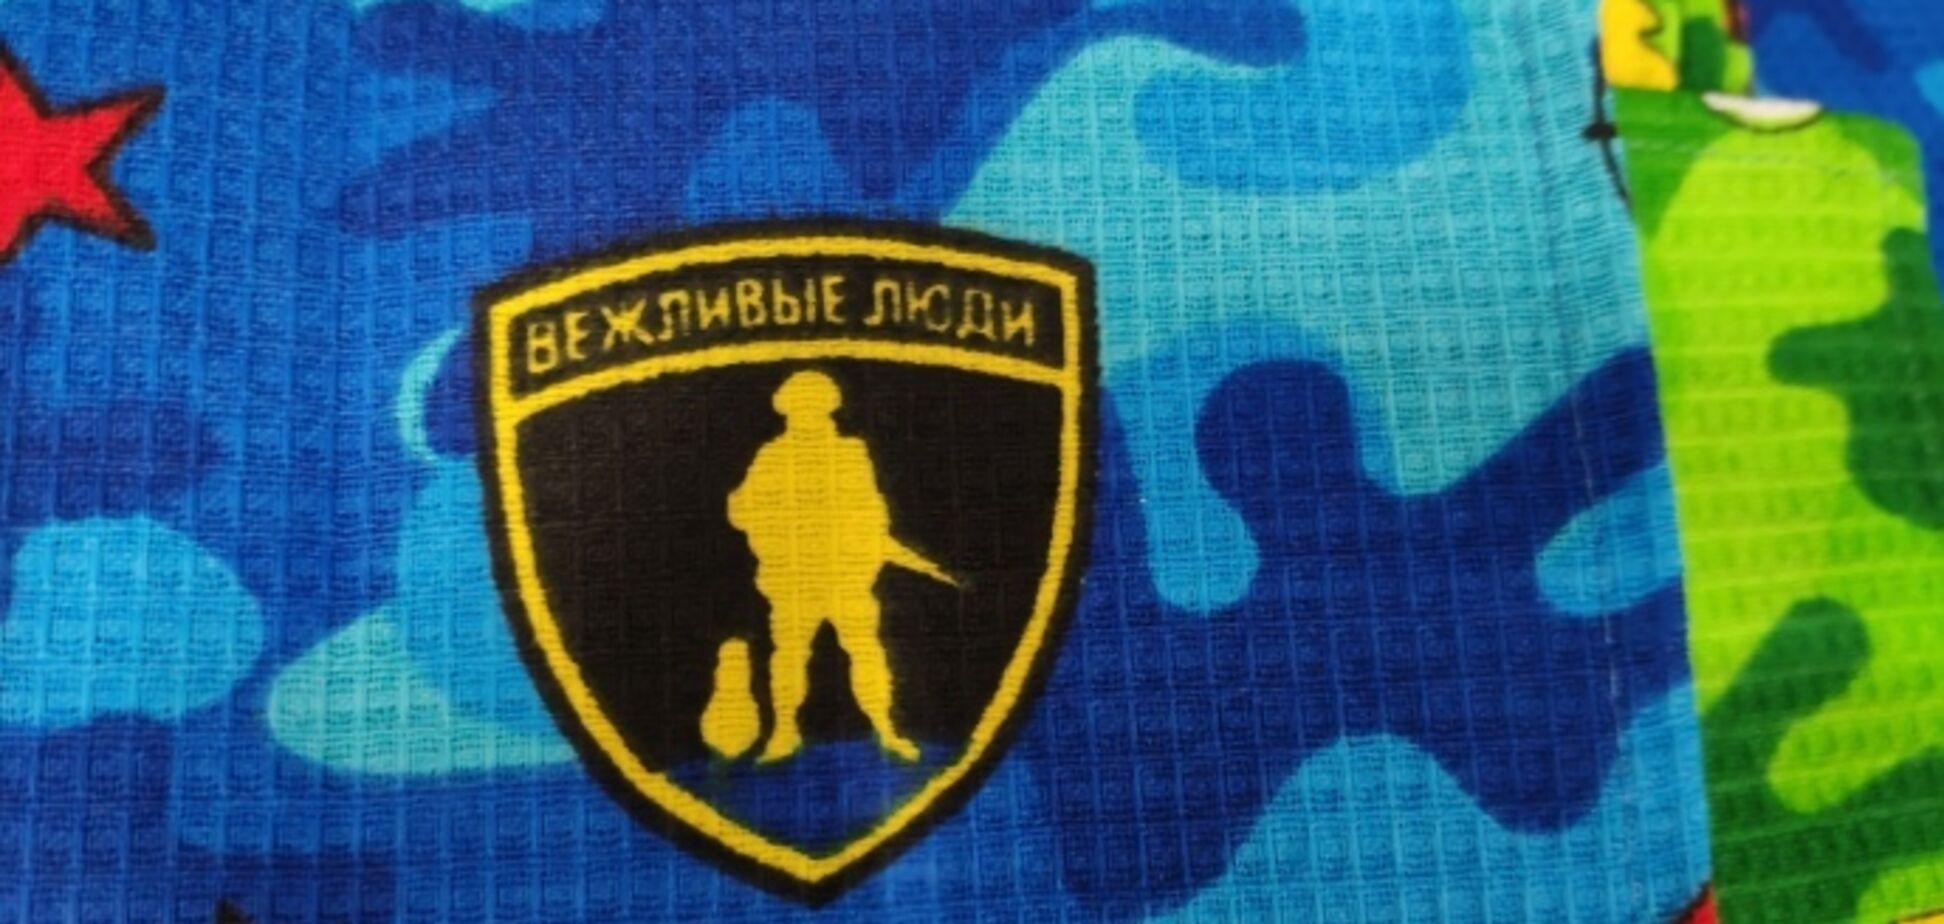 'Мужиков хотел поздравить!' В Беларуси разгорелся скандал из-за 'вежливых людей'. Фотофакт